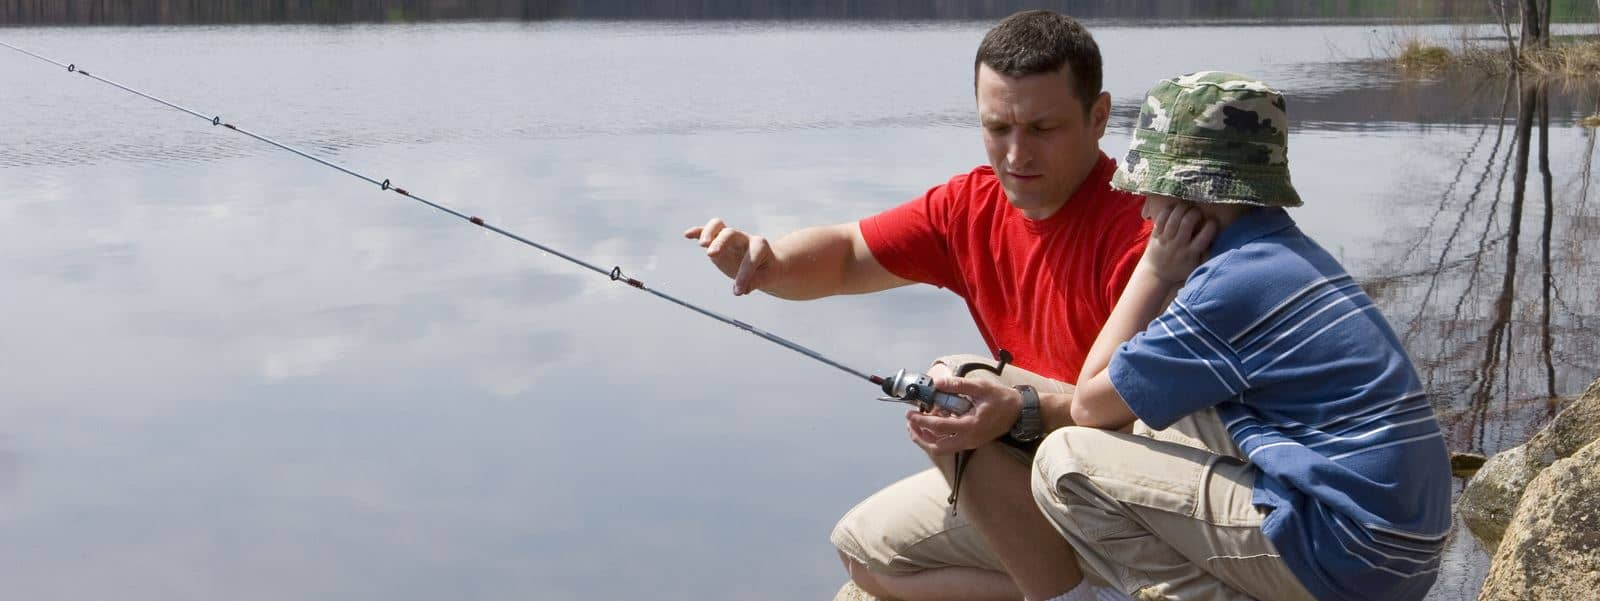 Corsi per imparare a pescare a Varese - Istruttore con bambino